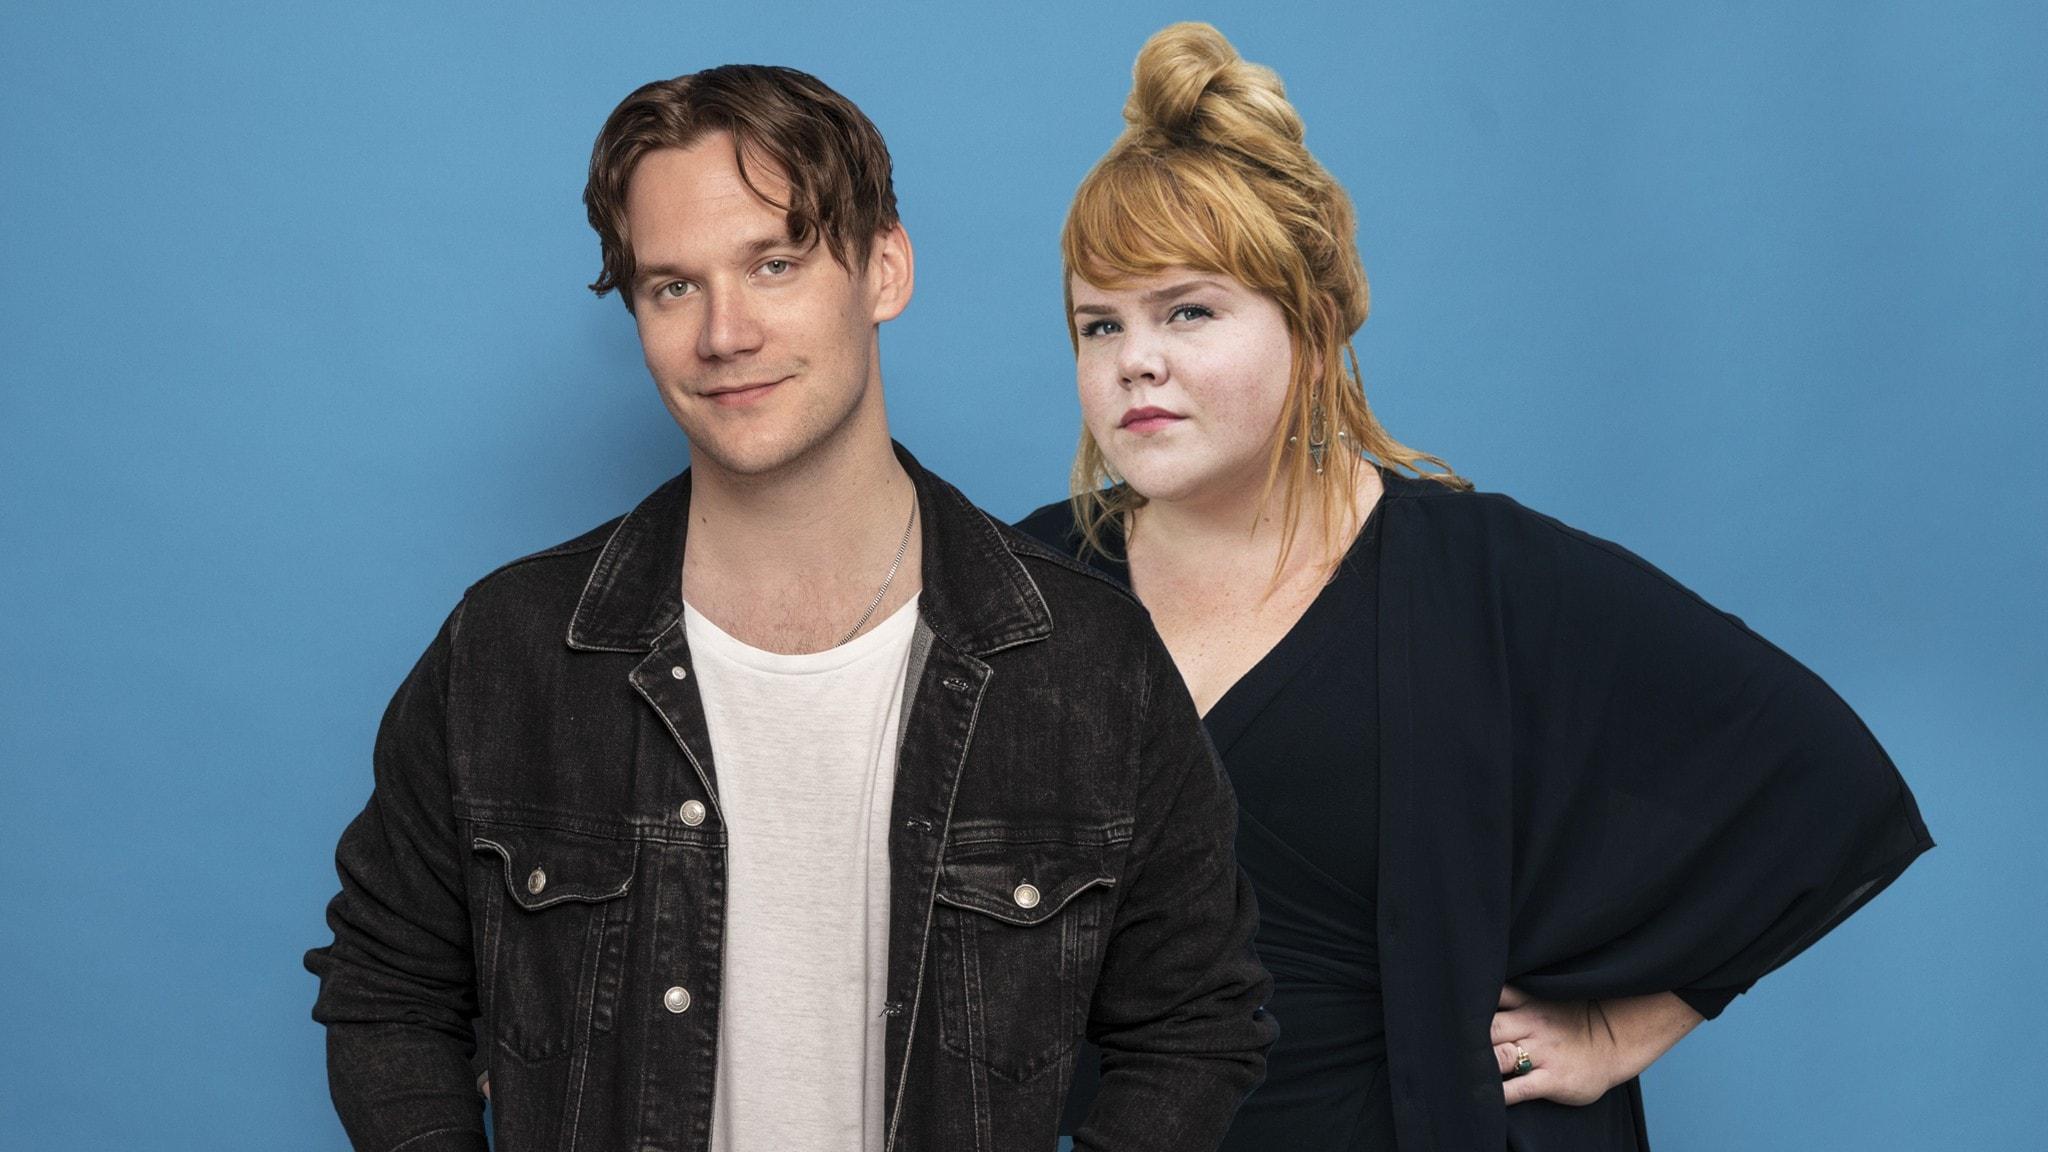 Christopher Garplind och Linnéa Wikblad framför blå bakgrund